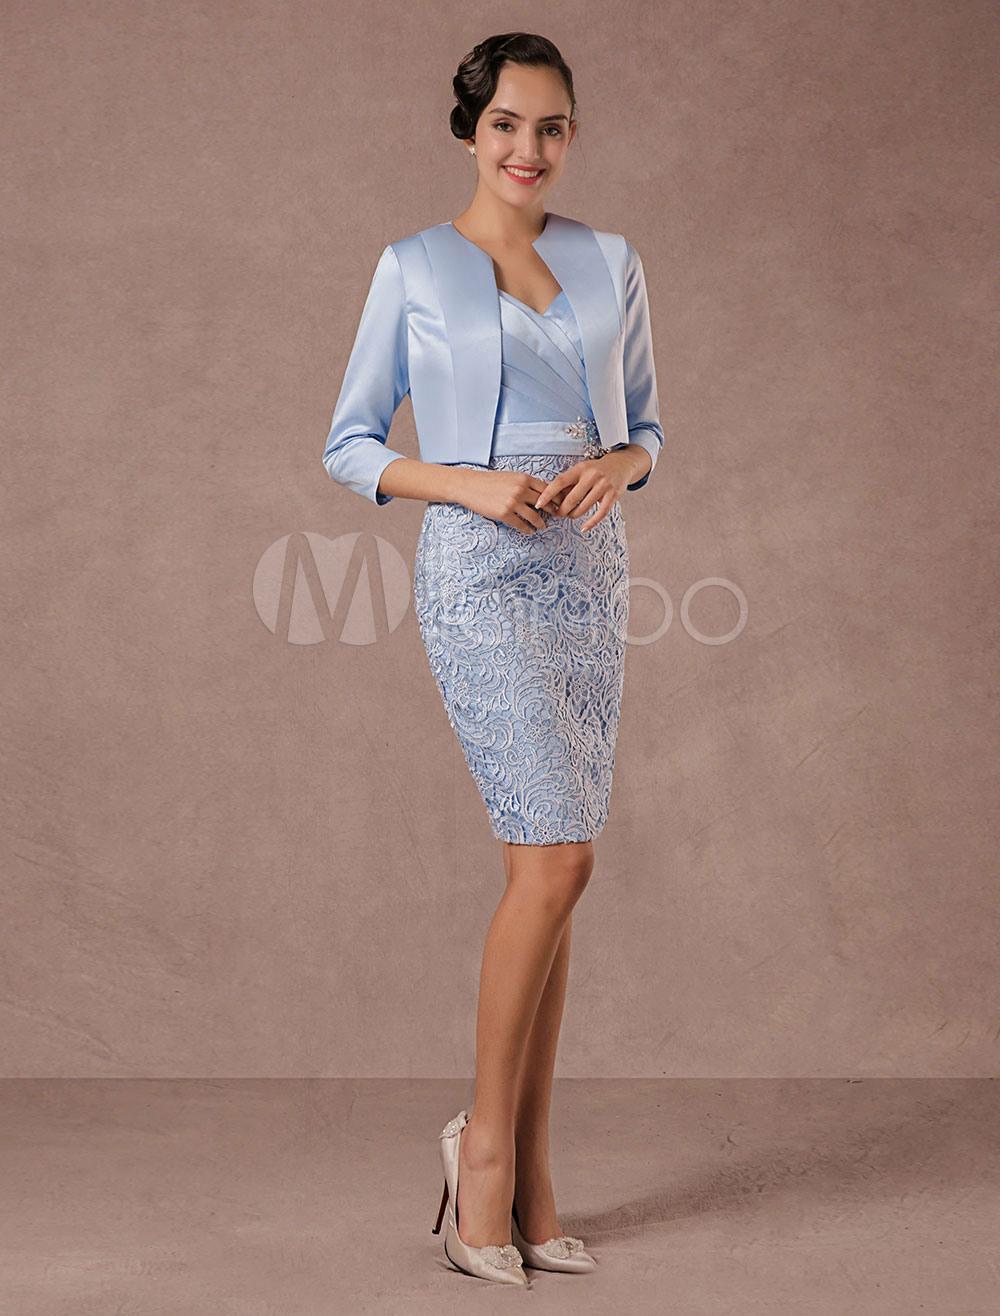 20 Top Kleider Für Schicke Anlässe Design10 Großartig Kleider Für Schicke Anlässe Vertrieb